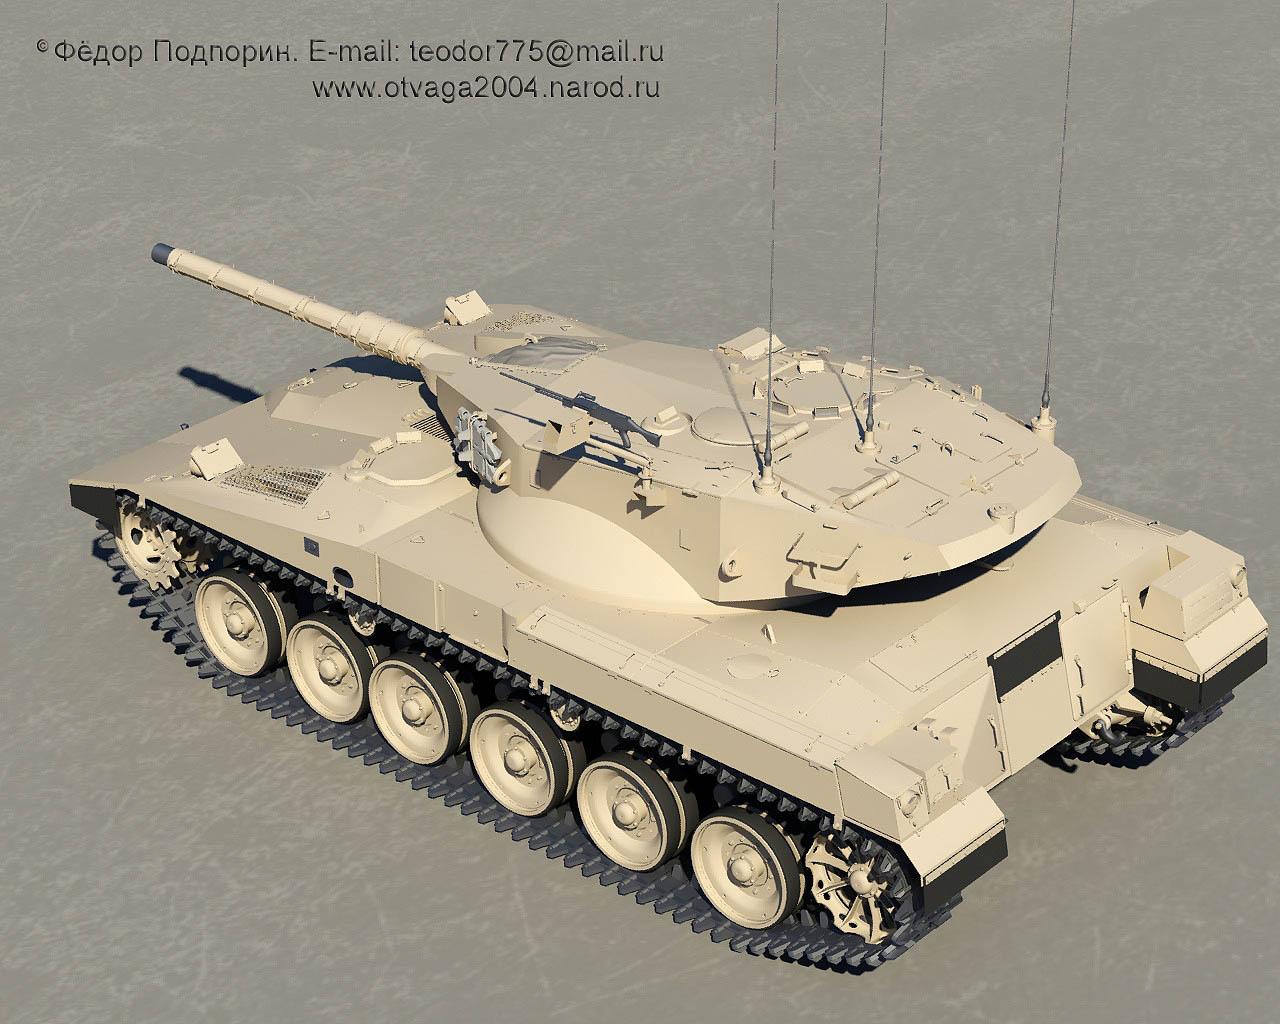 merkava-teodor775-otvaga2004-006